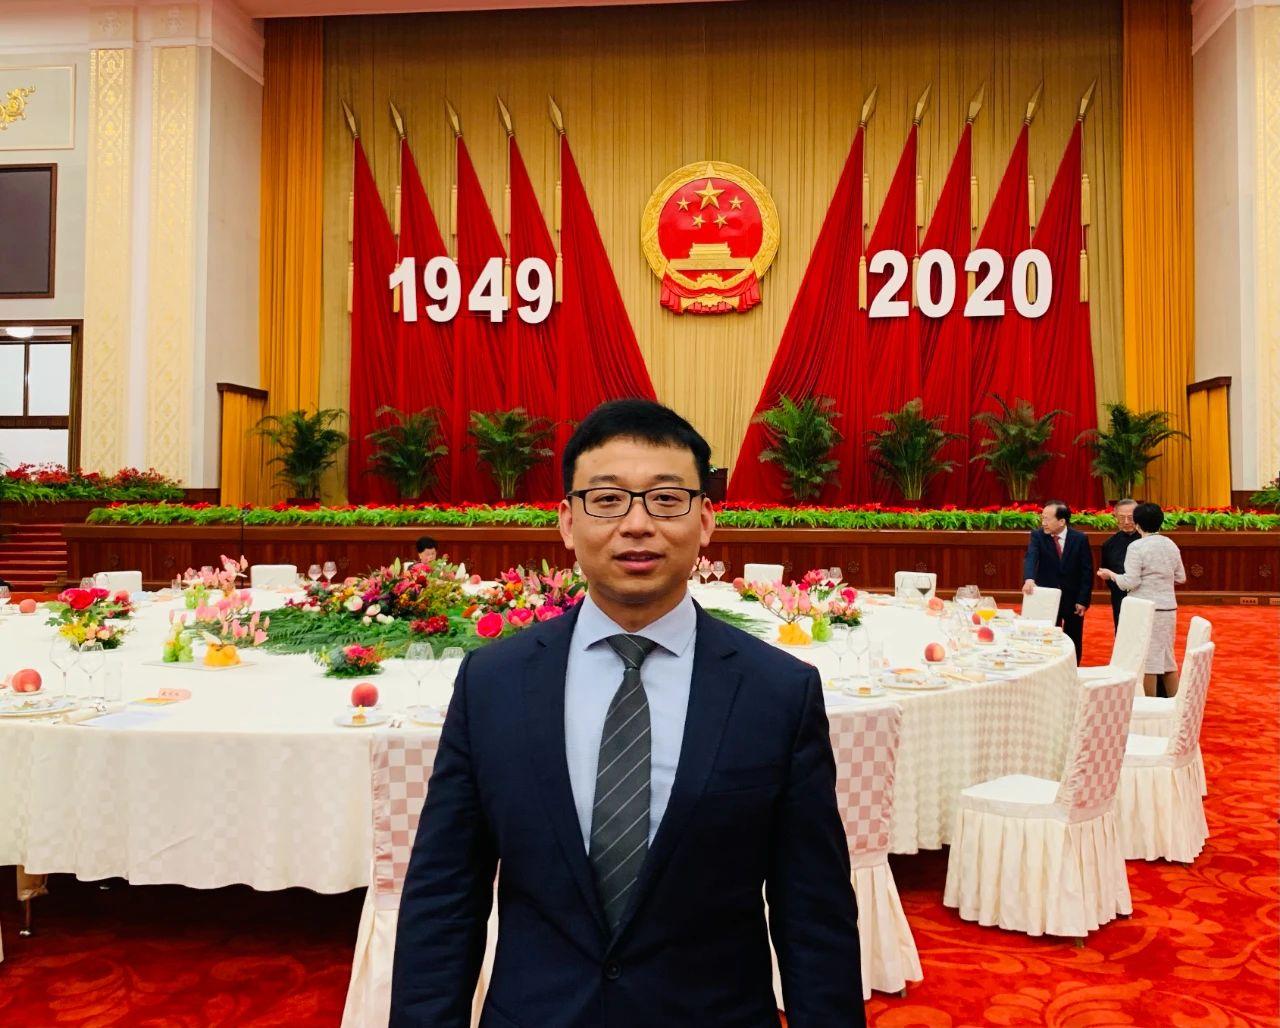 博联新闻 | 马江涛博士出席国庆招待会